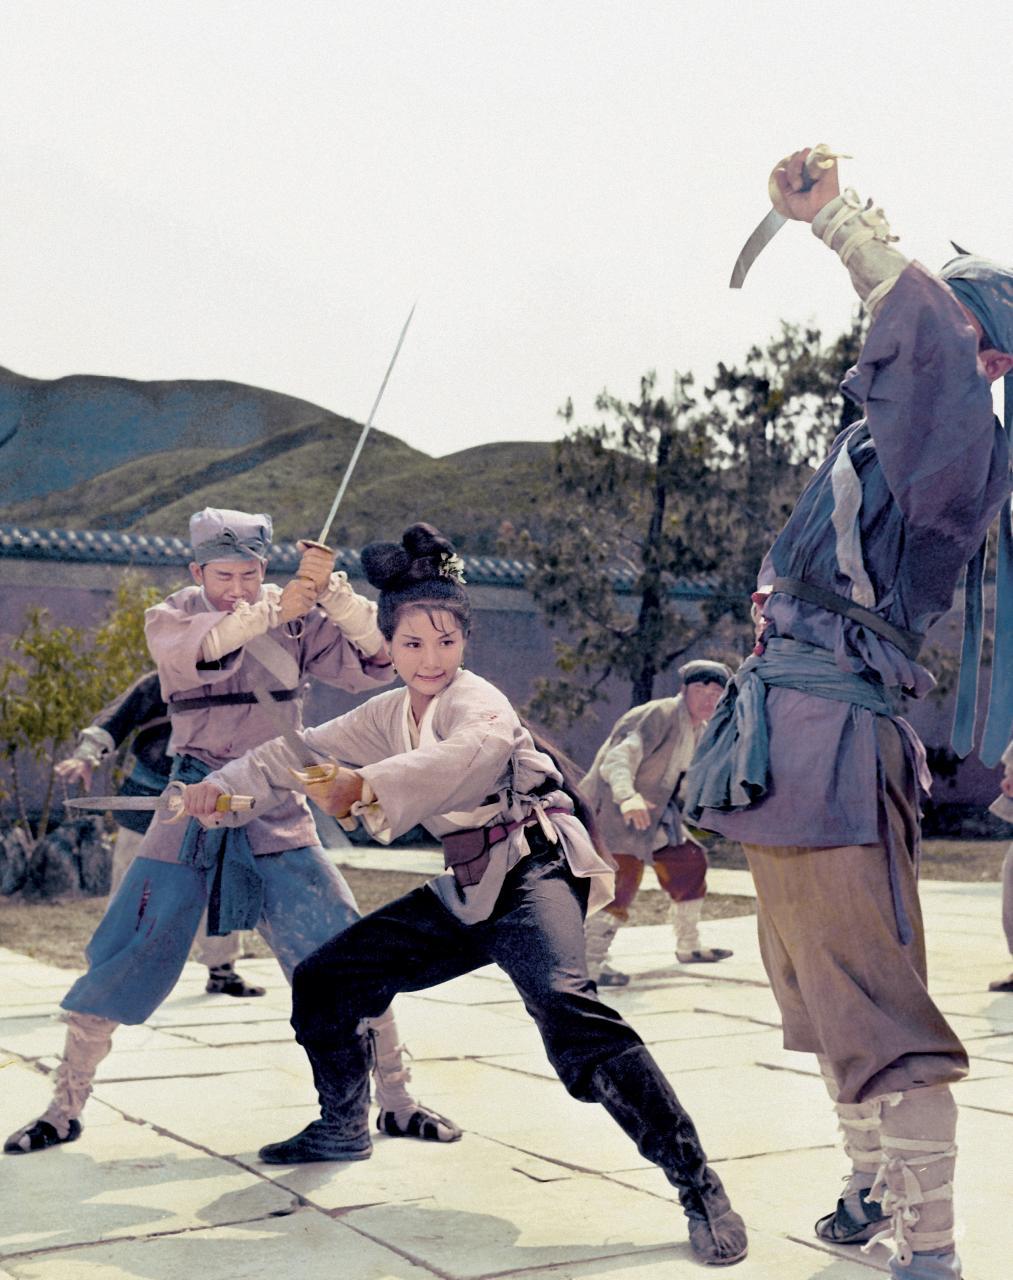 Cheng Pei Pei dans L'Hirondelle d'or de King Hu